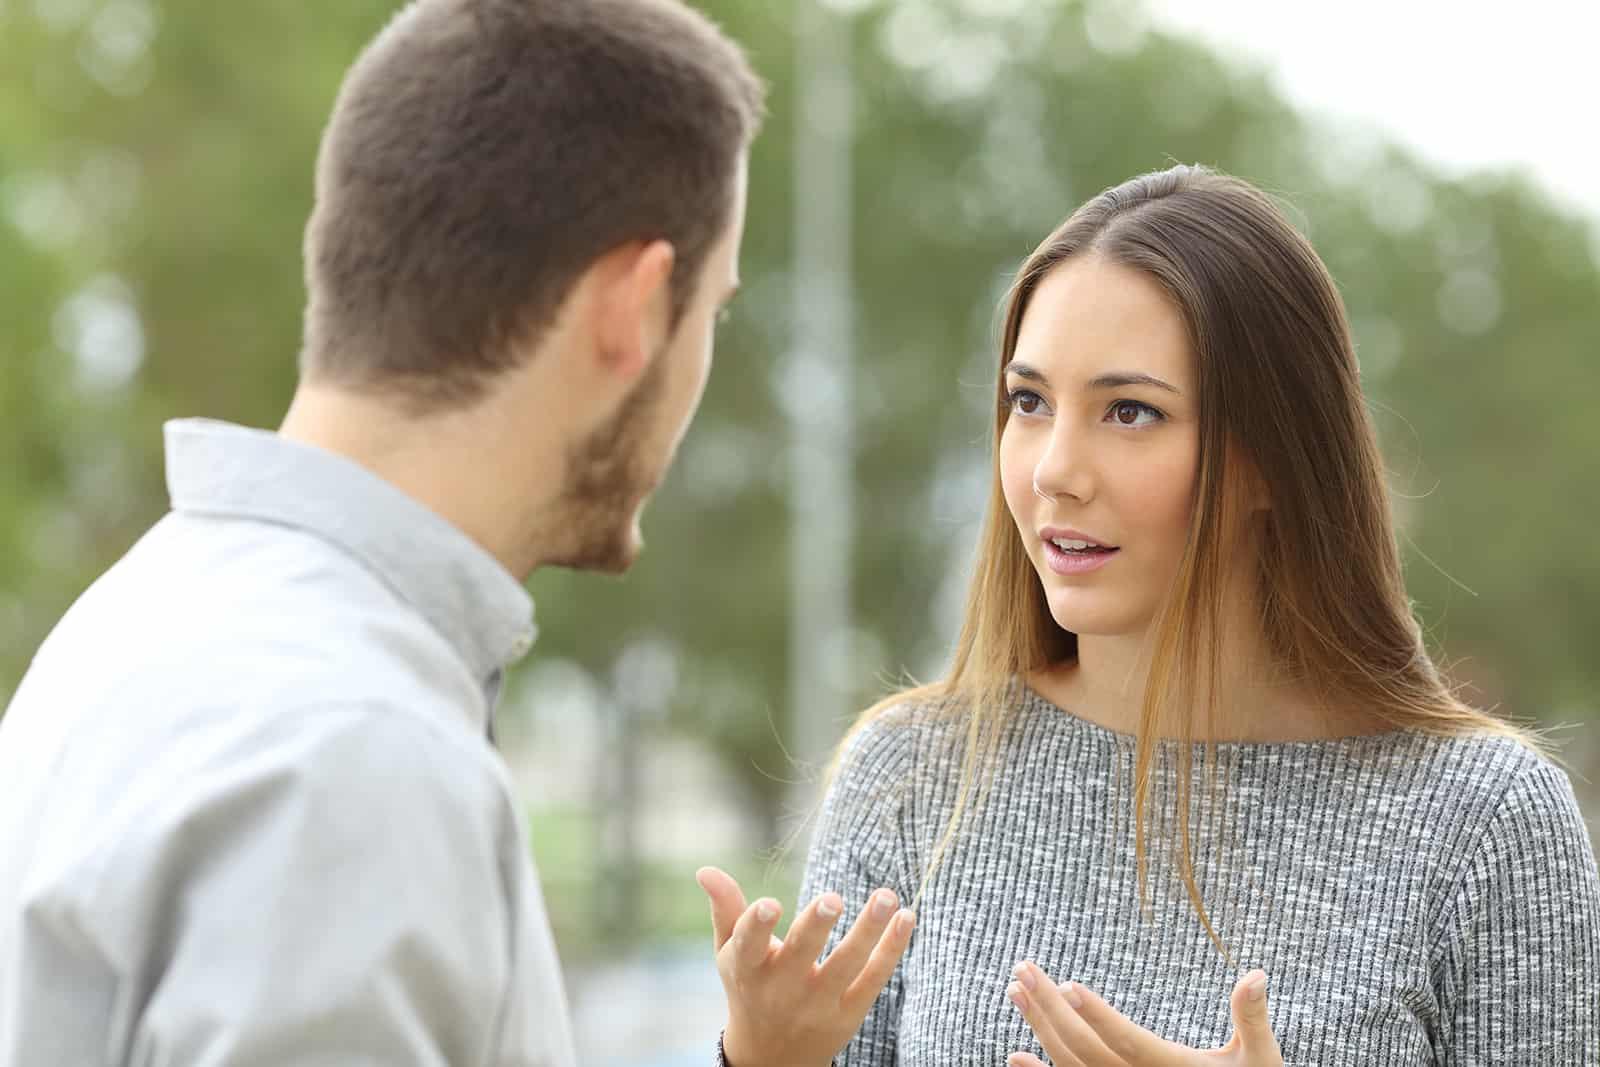 Ein Mann und eine Frau unterhalten sich ernsthaft, während sie im Freien stehen